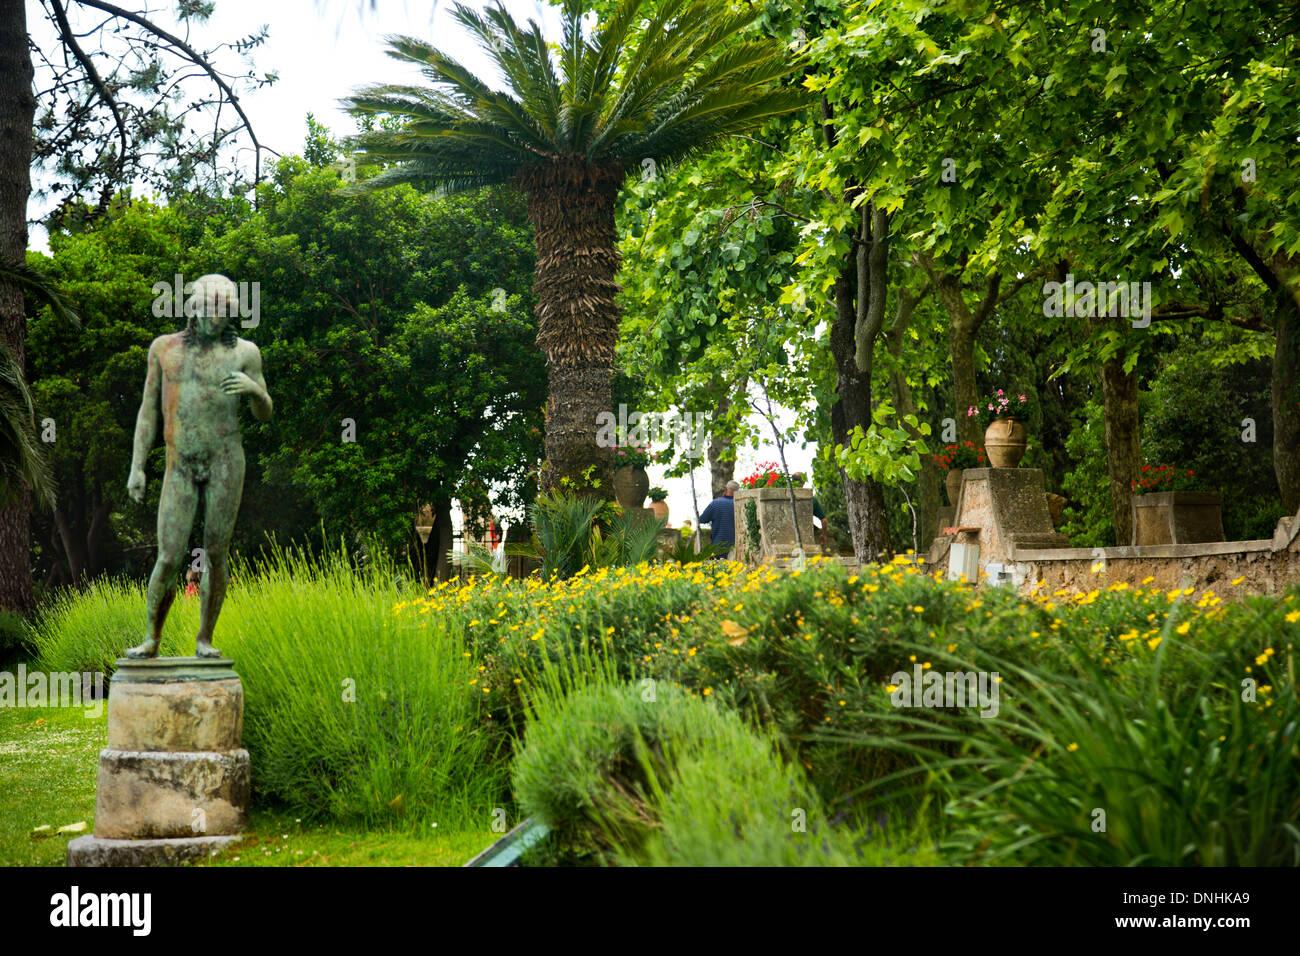 Statue dans un jardin, la Villa Cimbrone, Ravello, Province de Salerne, Campanie, Italie Banque D'Images